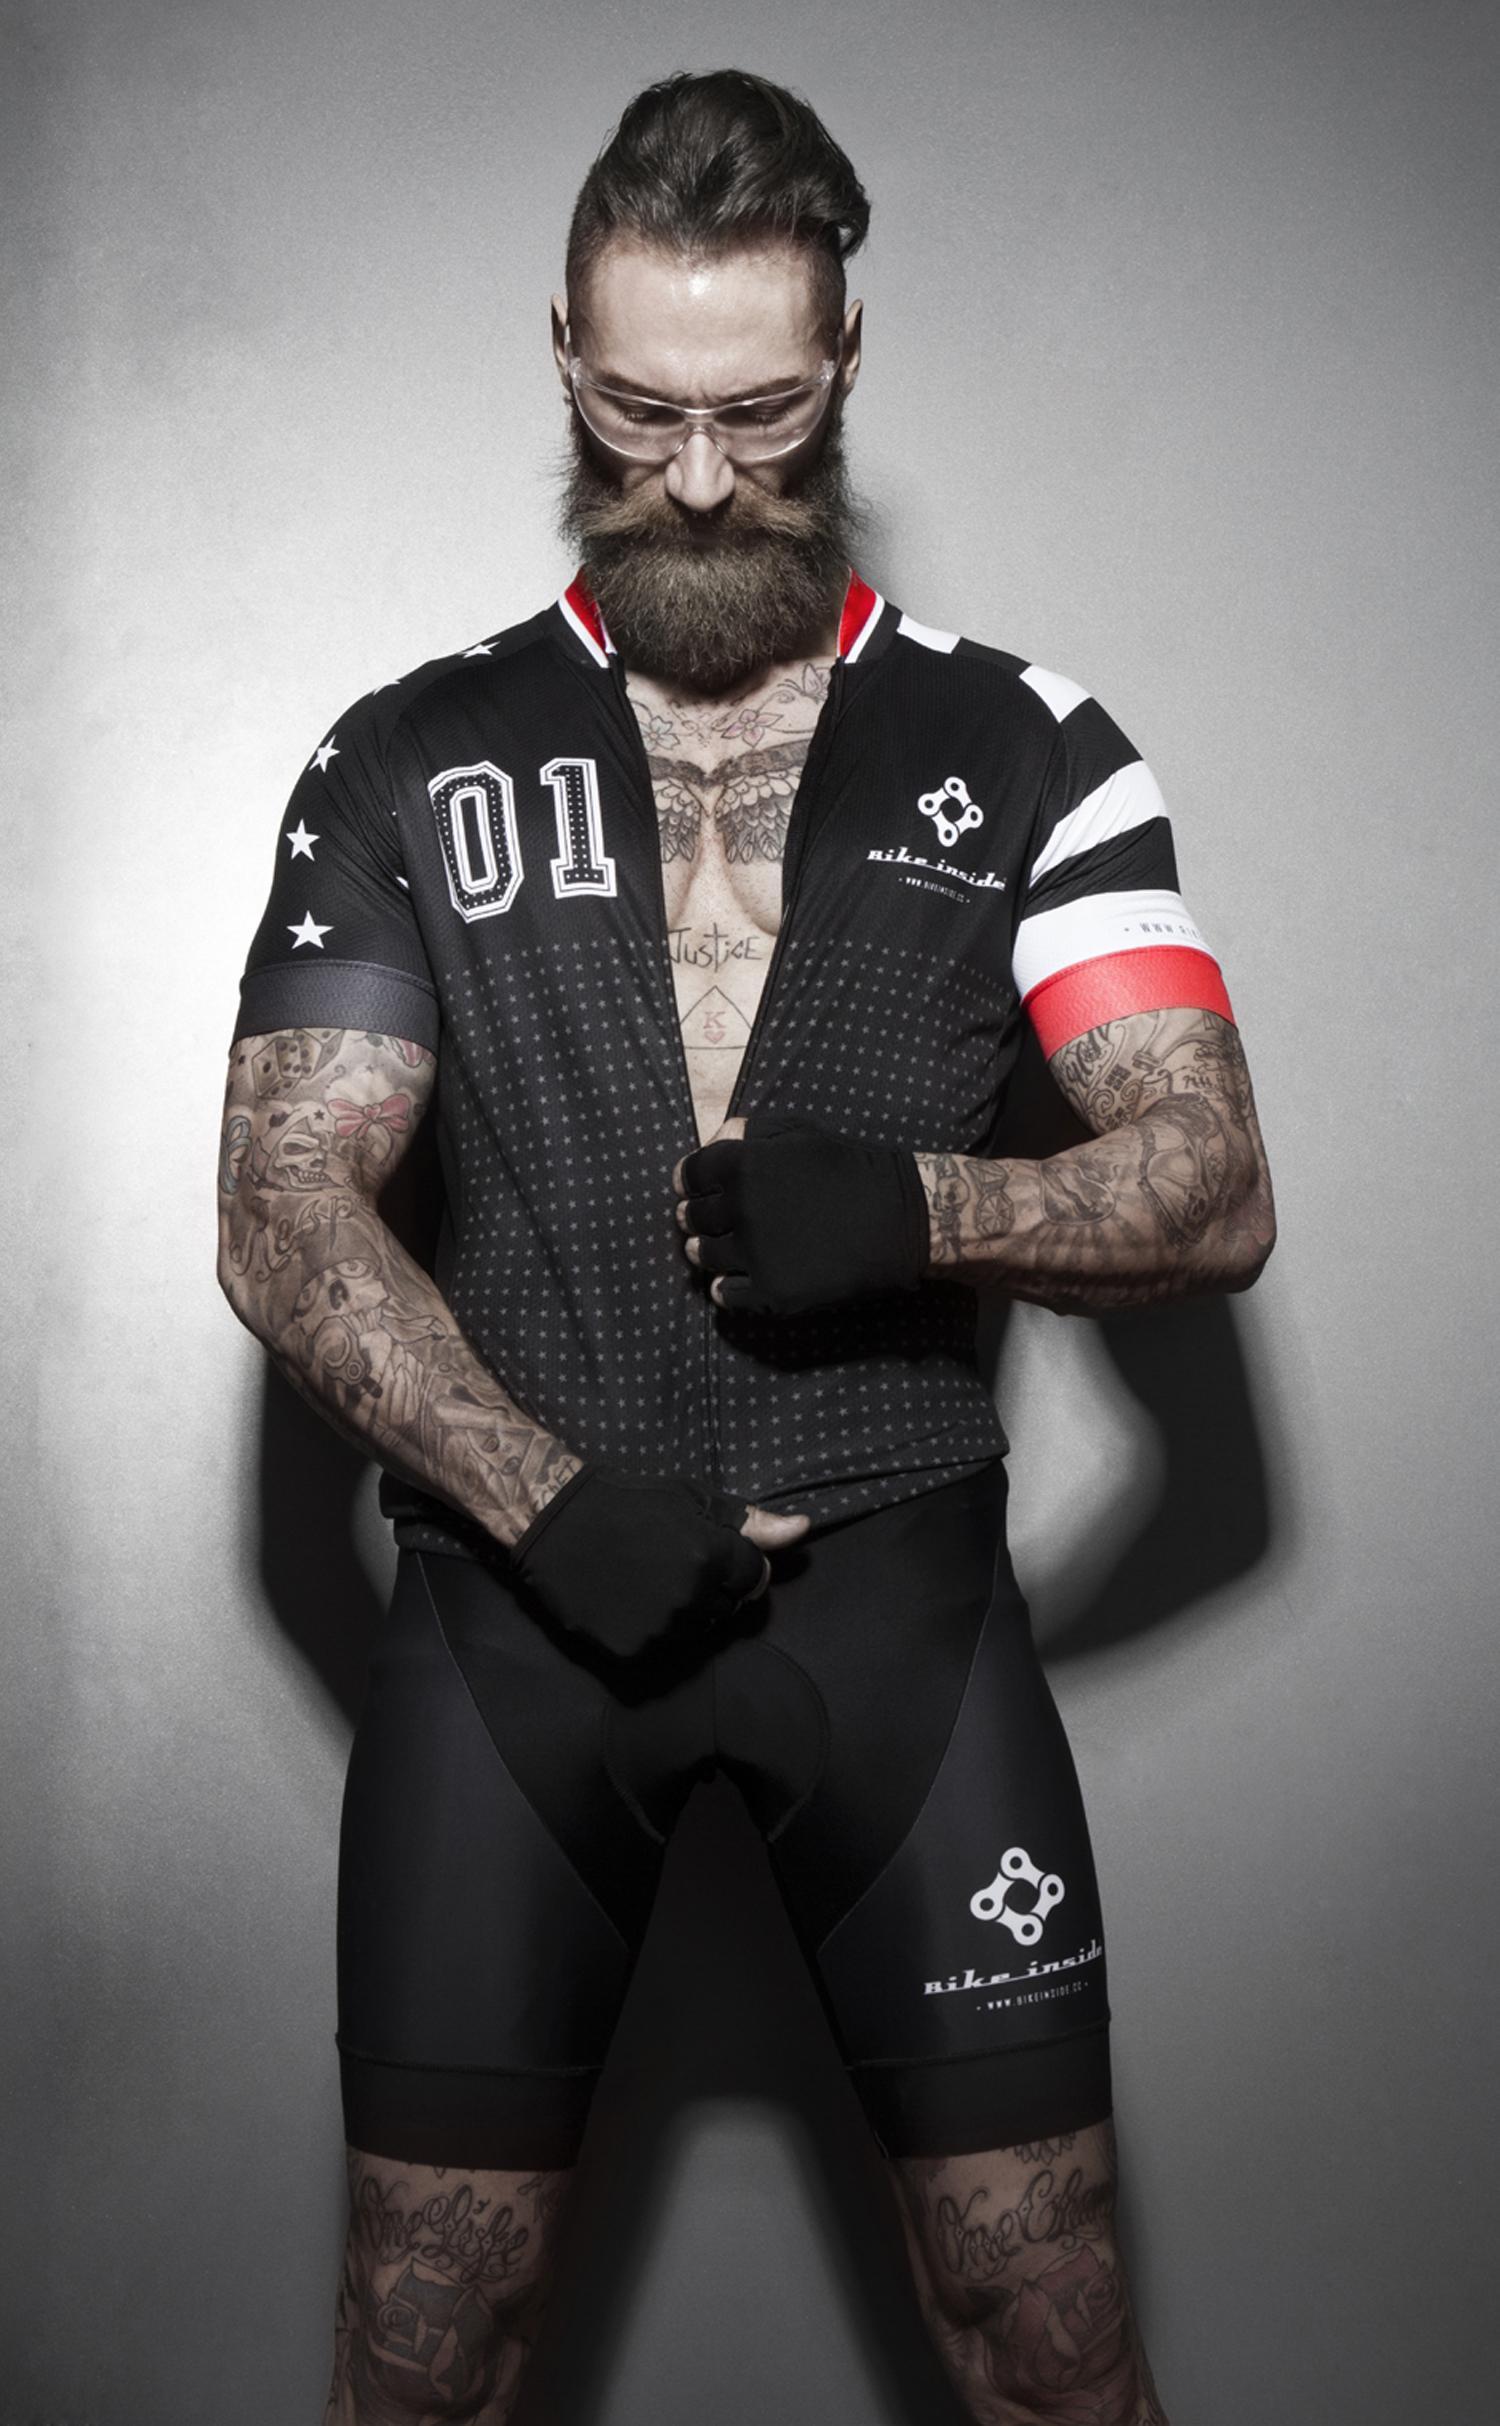 Bike Inside cycling wear